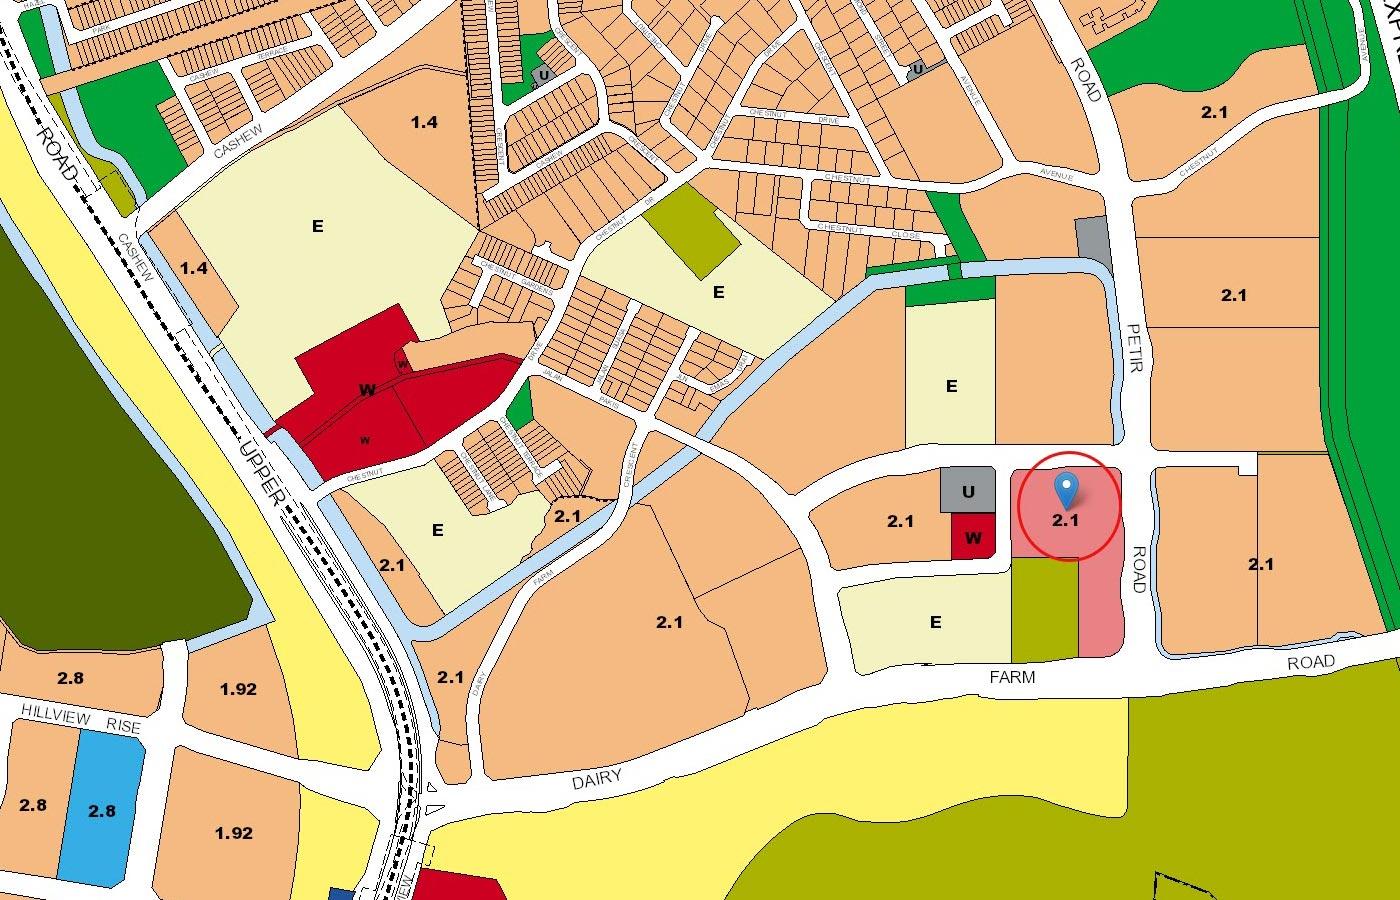 Dairy-Farm-Residences-Condo-URA-Master-Plan-Map